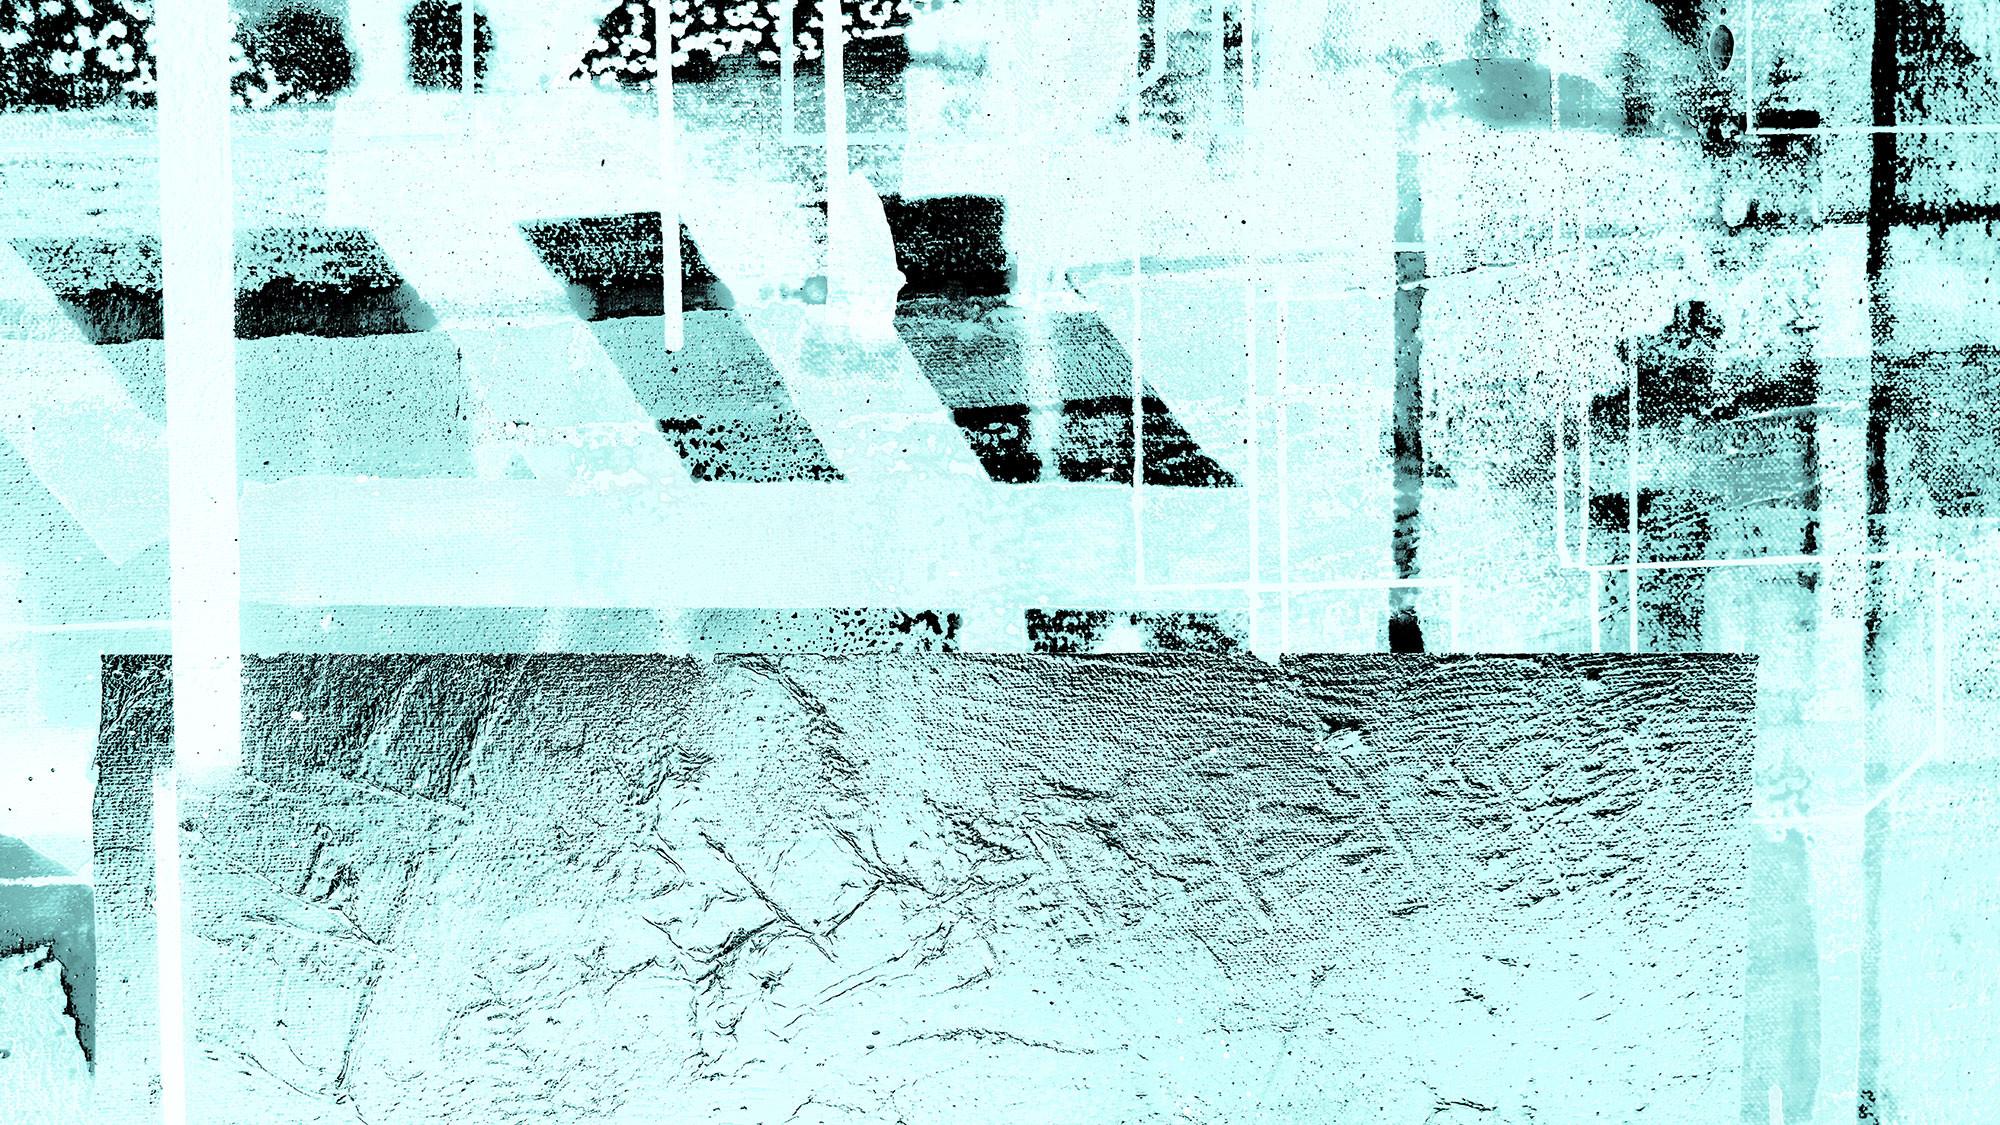 Alleys Rainy ice